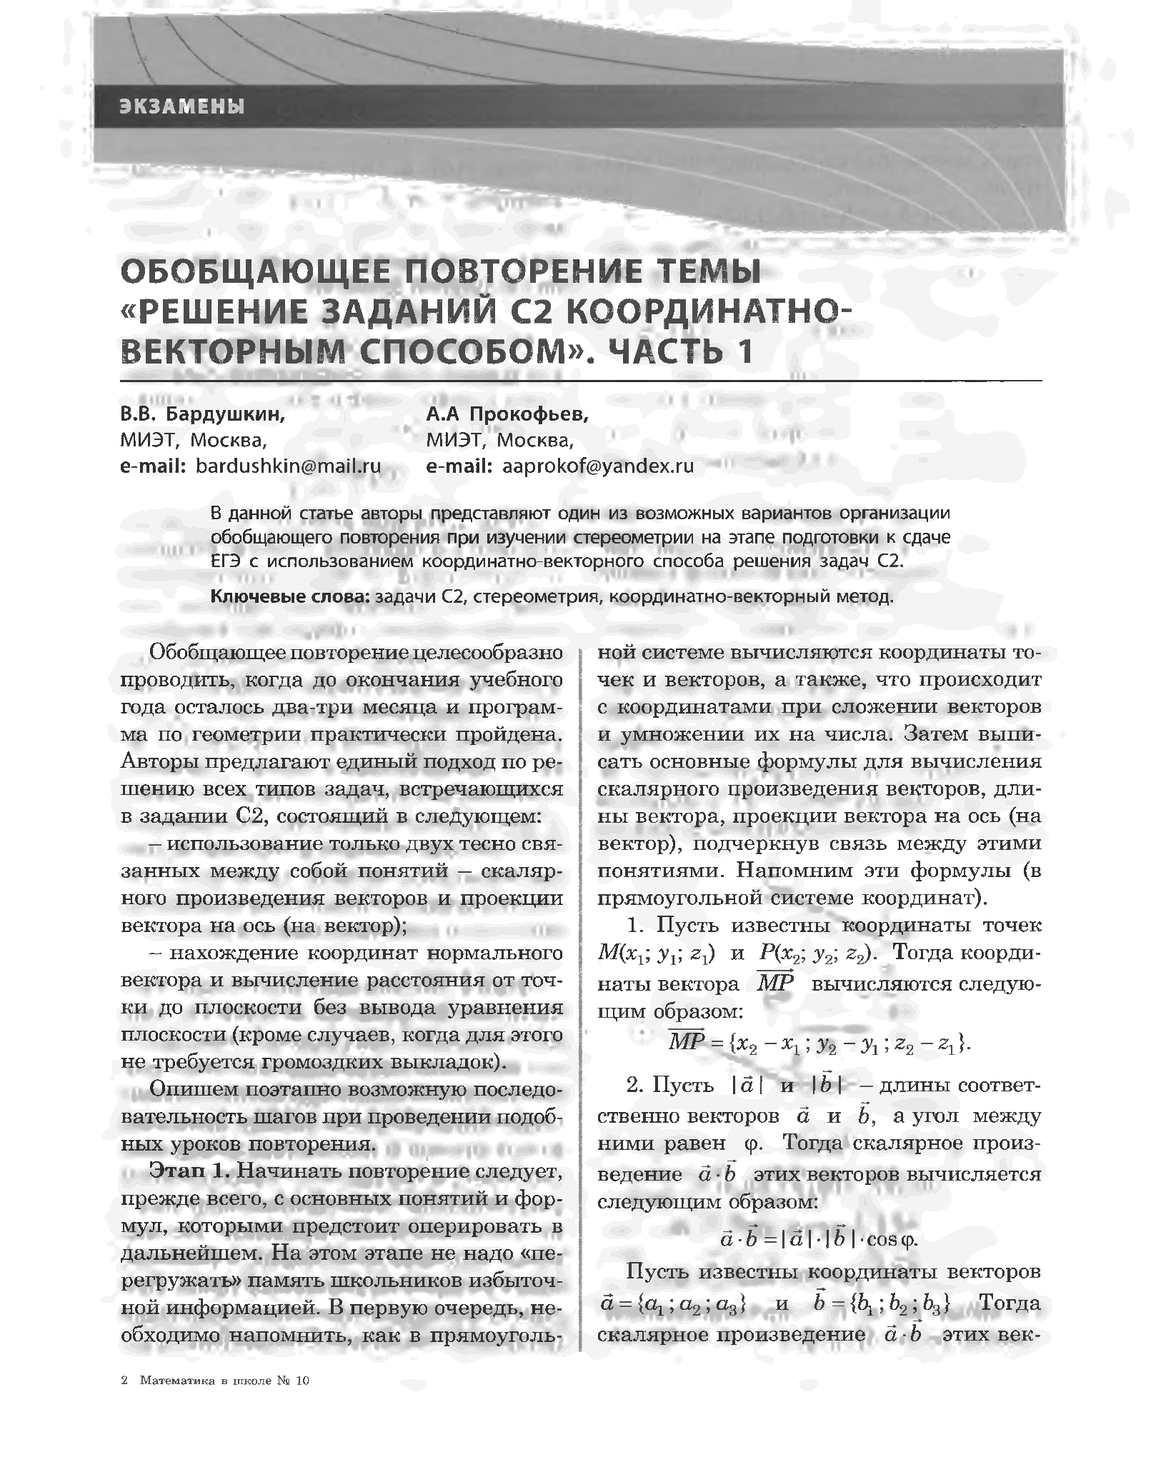 В.В.Бардушкин,А.А.Прокофьев Решение заданий С2 координатно-векторным способом